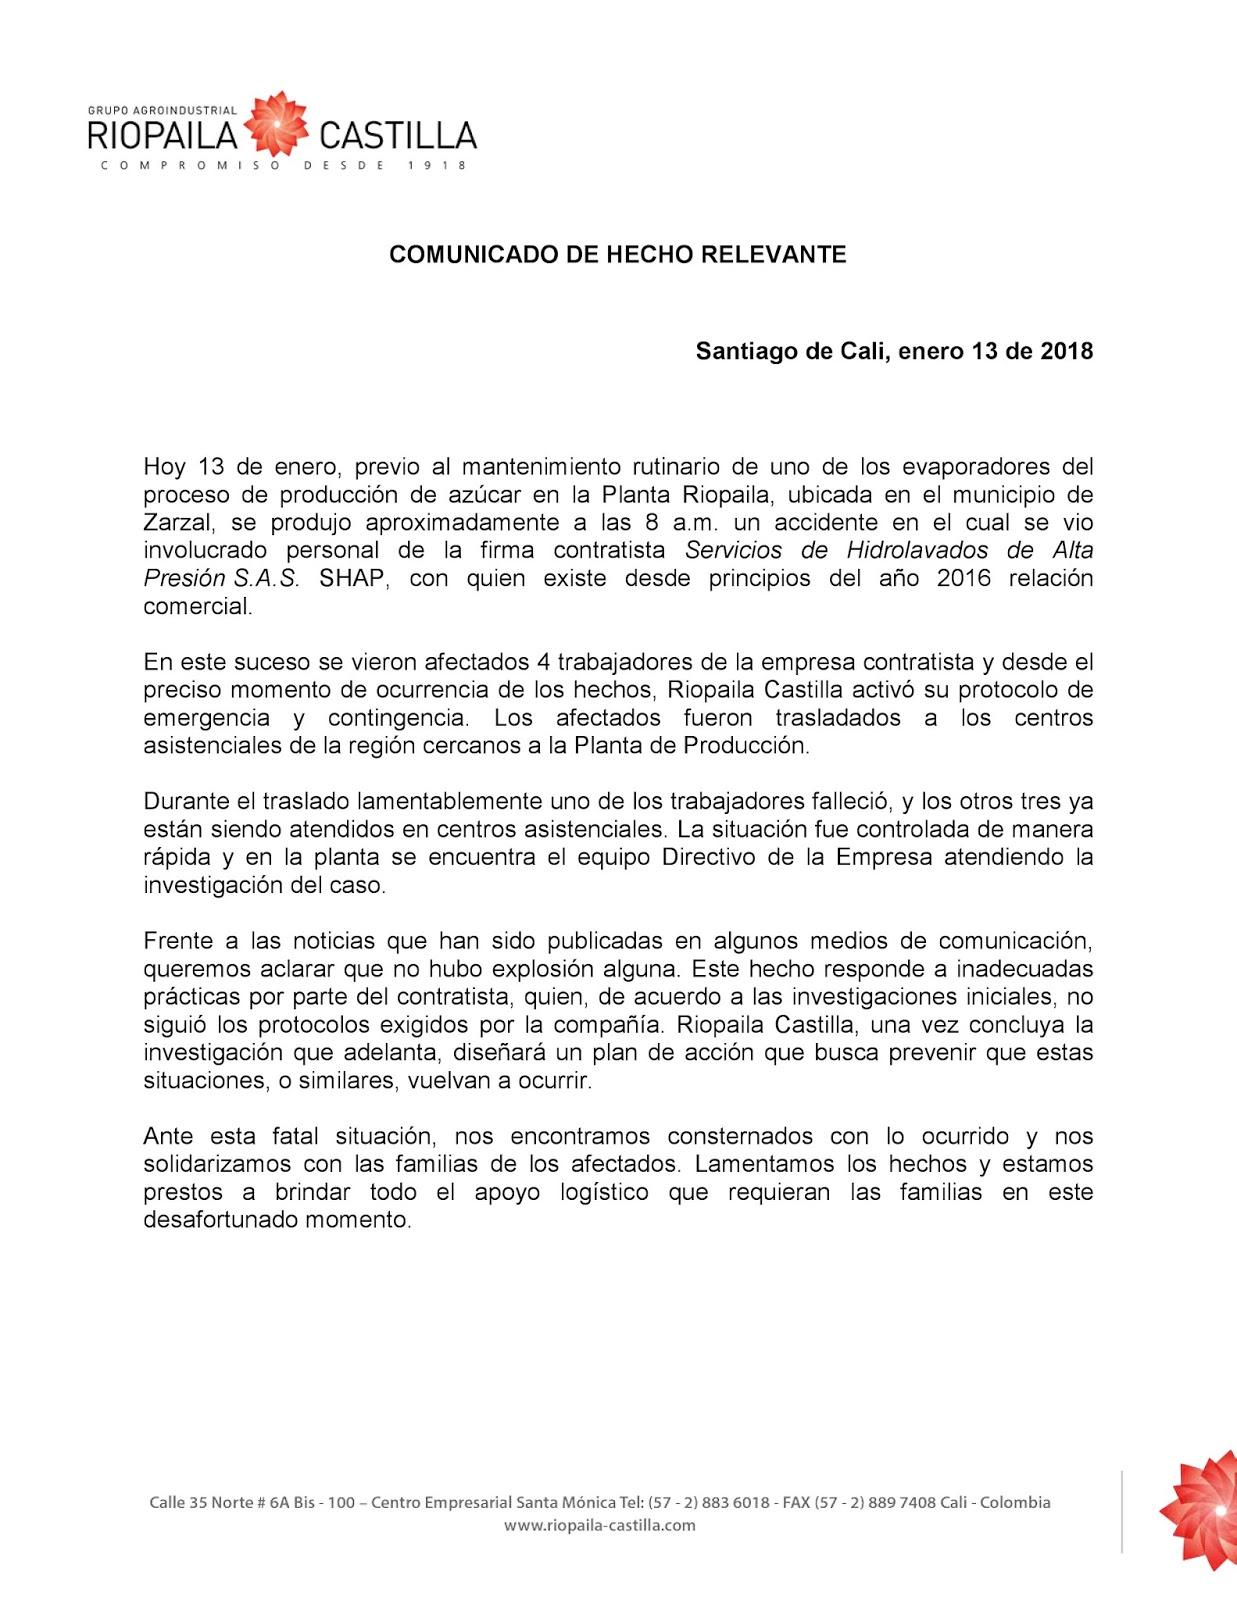 Comunicado RIOPAILA CASTILLA